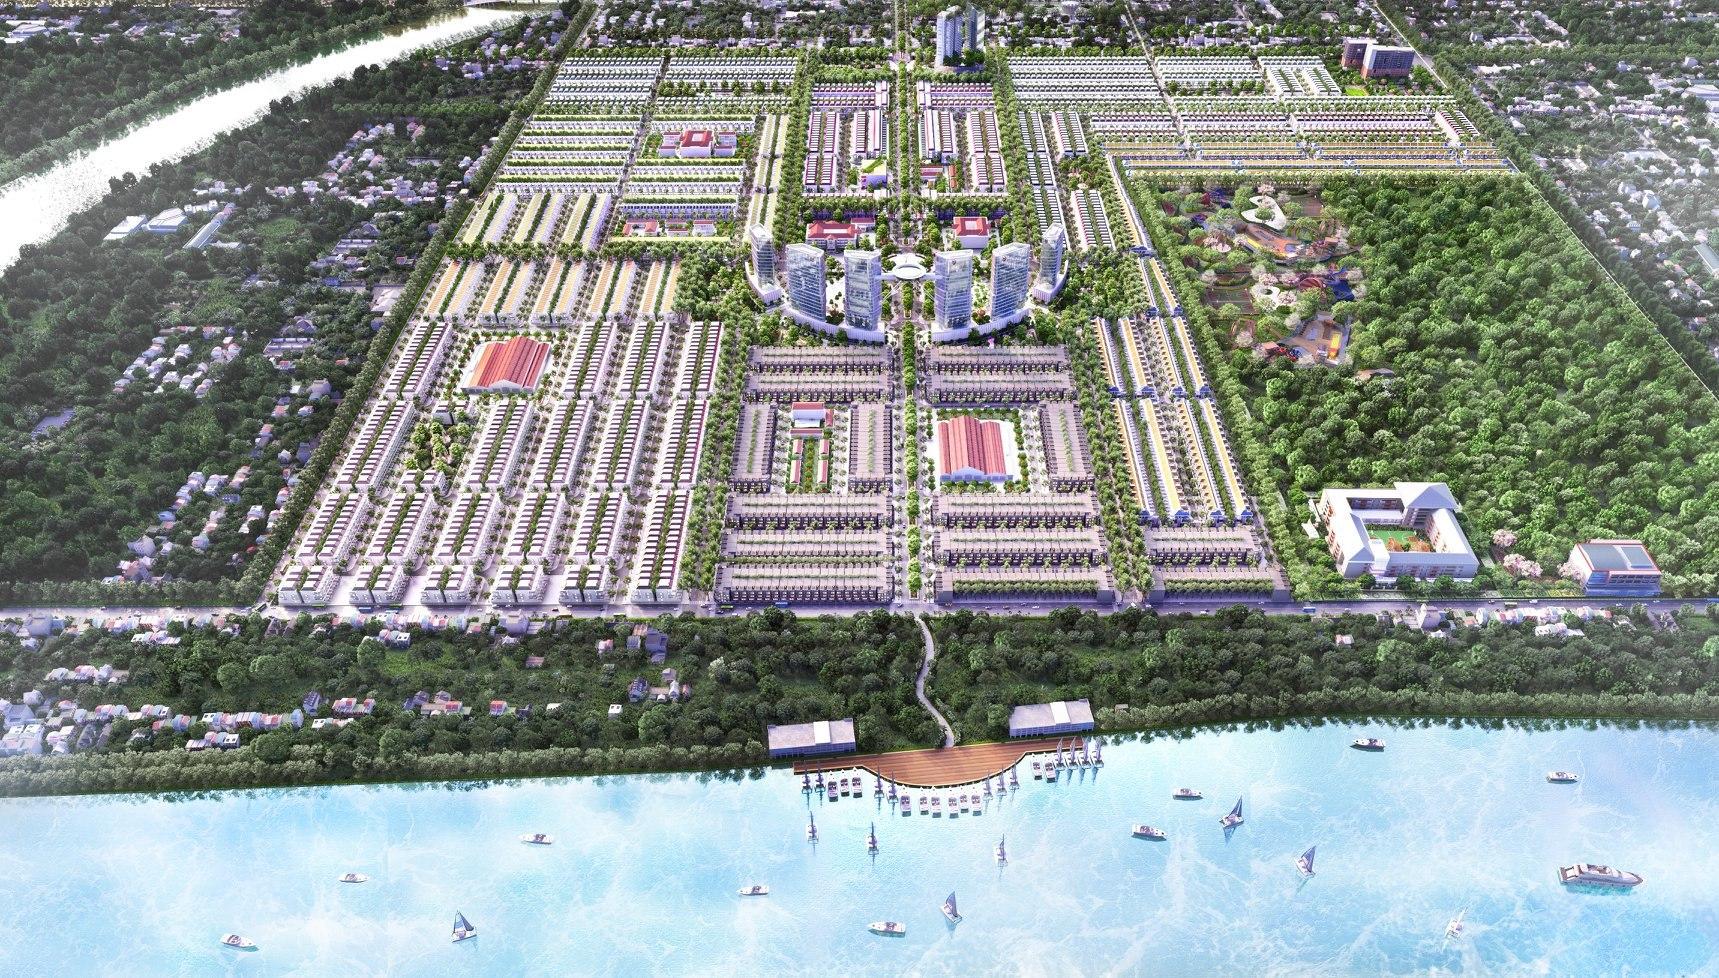 Stella Mega City Cần Thơ vượng khí hanh thông, minh đường rộng mở